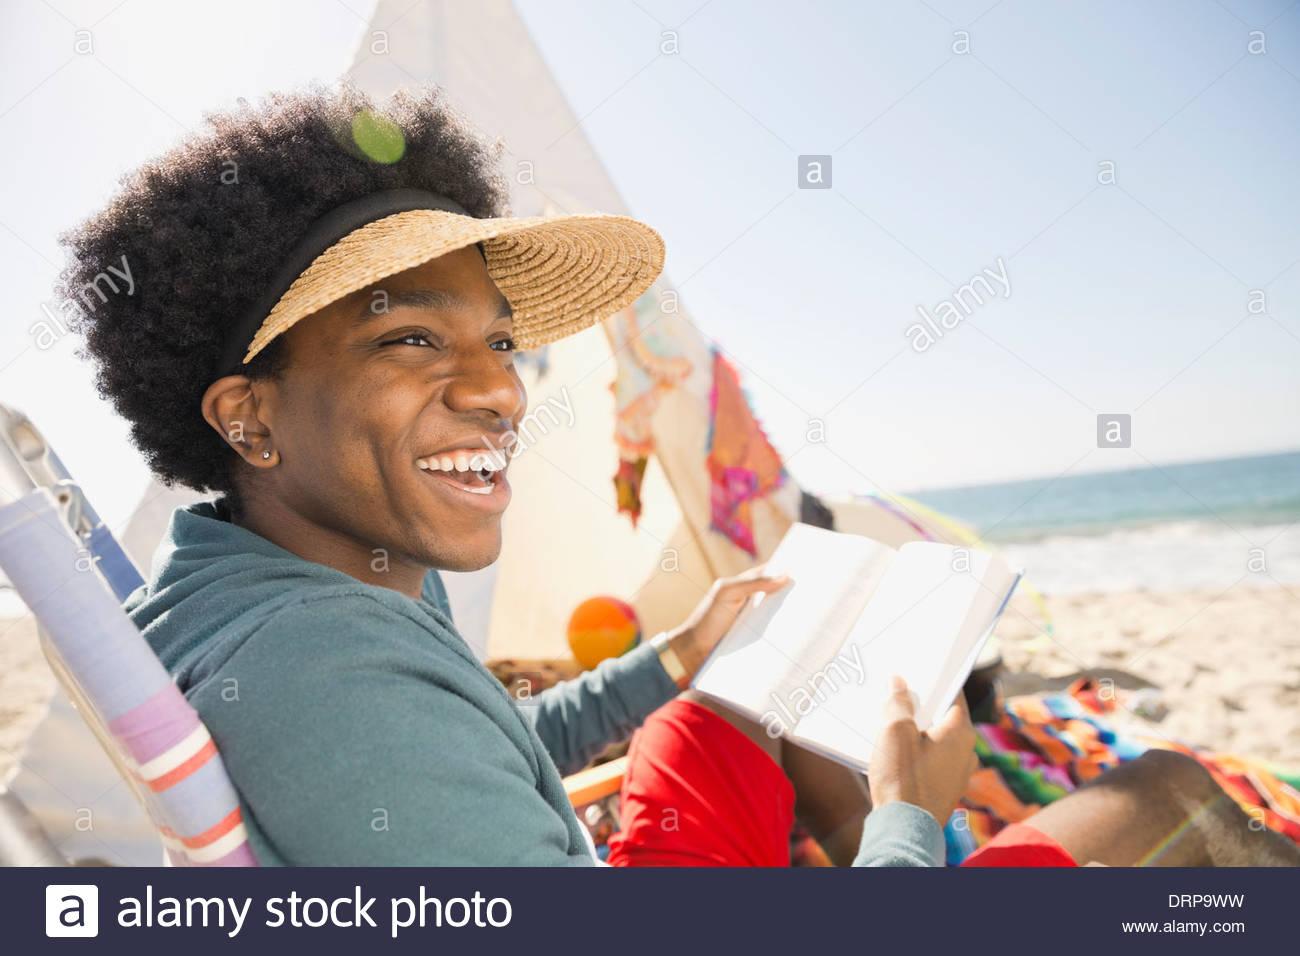 Allegro uomo libro di lettura sulla spiaggia Immagini Stock